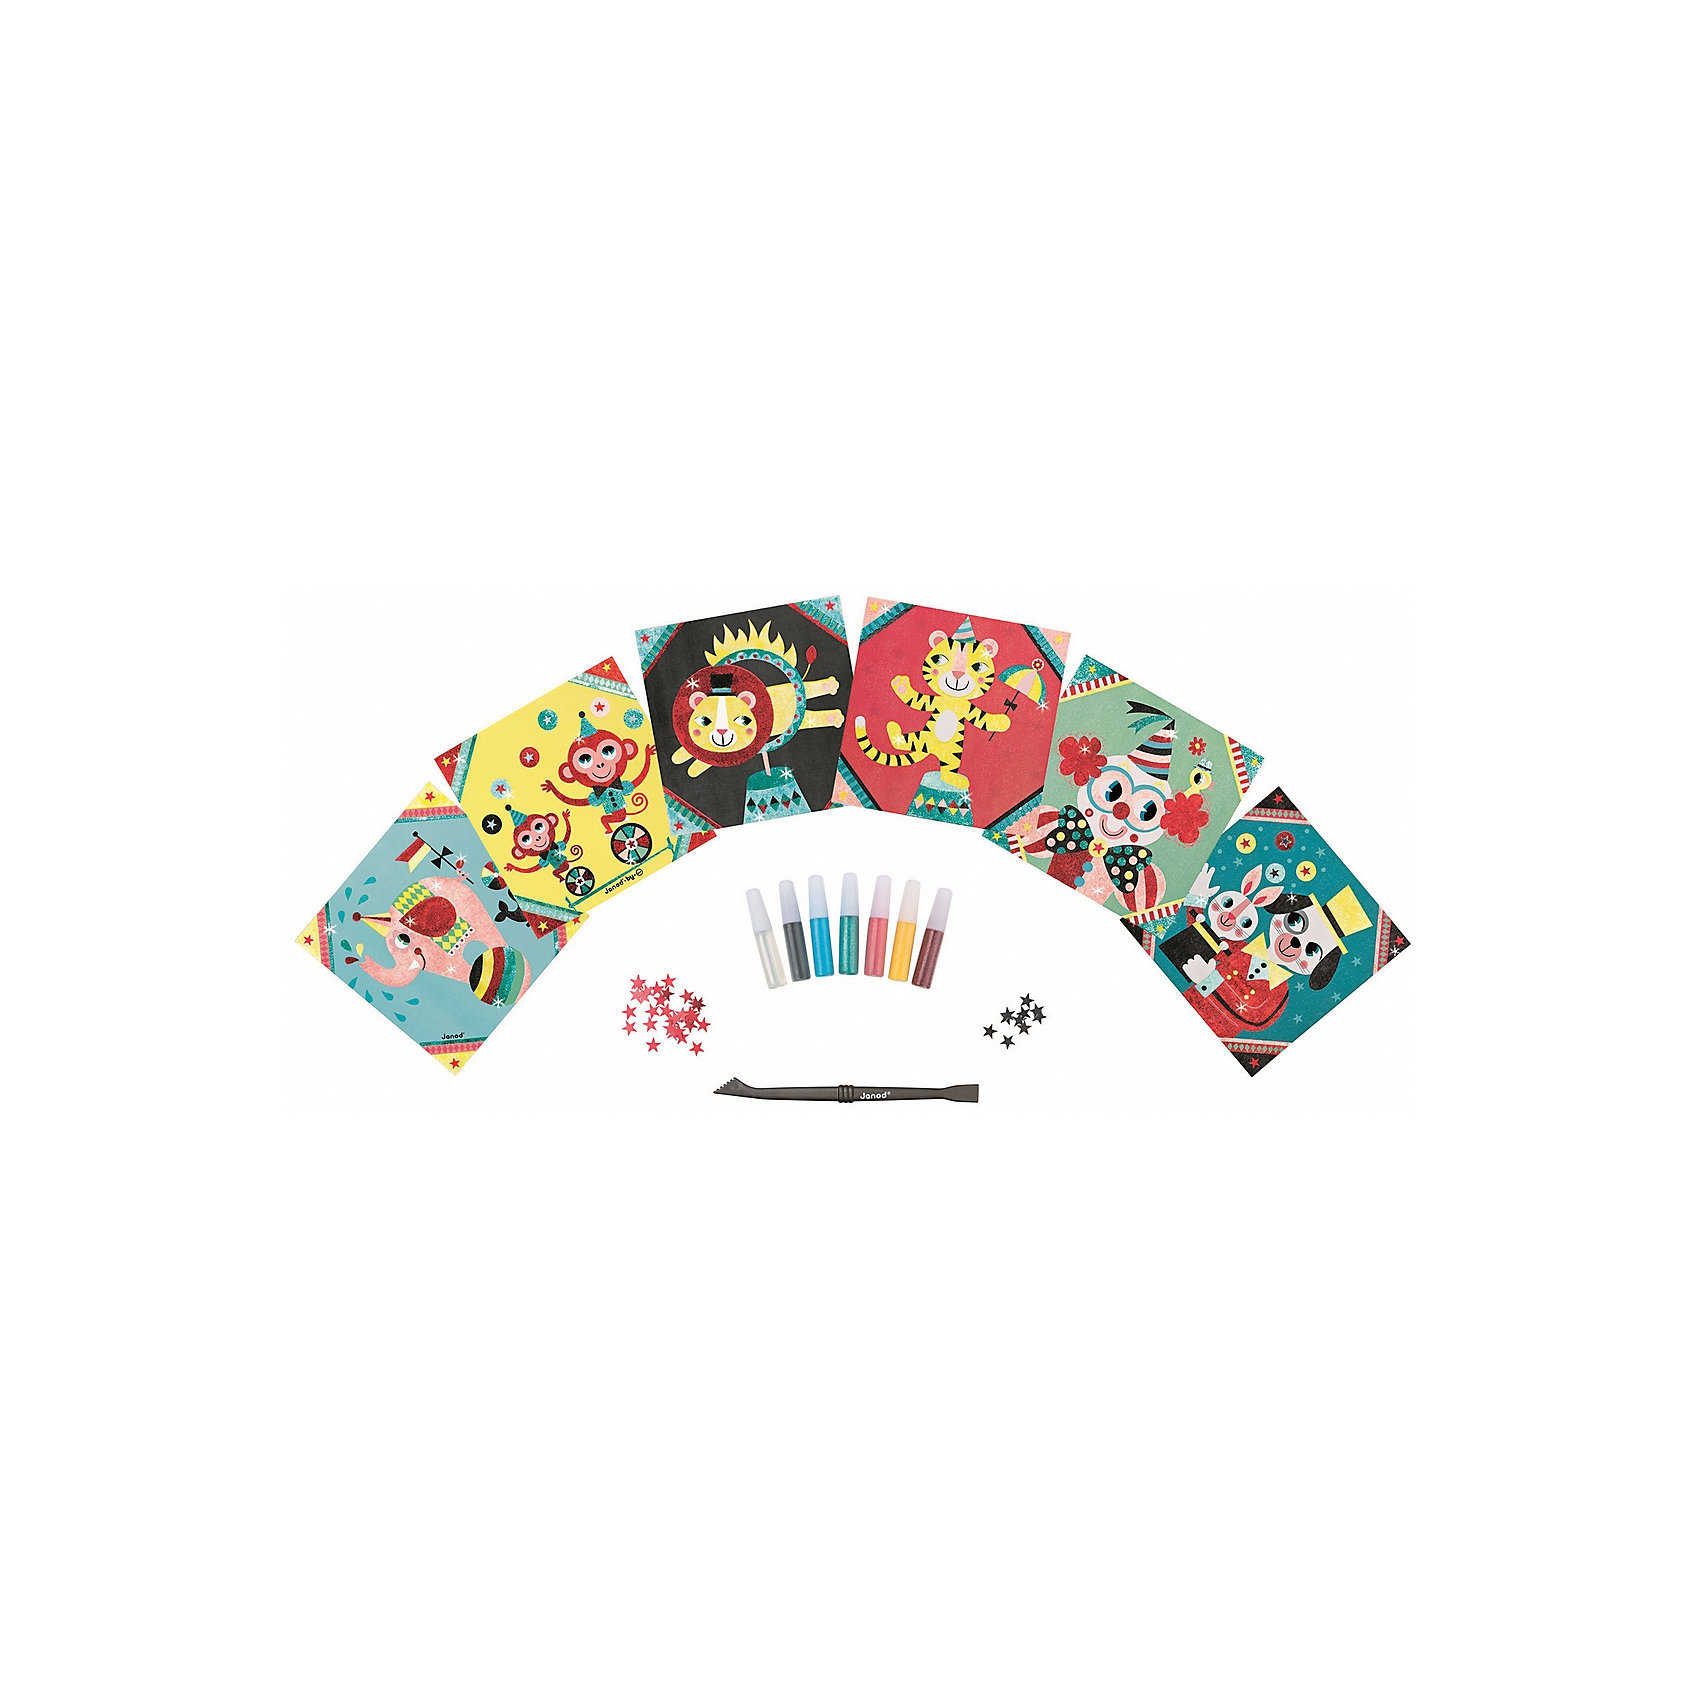 Набор для творчества: посыпаем блестками Цирк, 6 карточекКартины из песка<br>Набор для творчества: посыпаем блестками Цирк, 6 карточек, Janod (Джанод)<br><br>Характеристики:<br><br>• набор для украшения картинок блестками<br>• удобный чемоданчик для хранения<br>• не содержит токсичных материалов<br>• в комплекте: 6 картинок, 7 тюбиков с разноцветными блестками, лопатка<br>• размер упаковки: 26х4х22 см<br>• материал: картон<br><br>С набором Цирк ваш ребенок сможет почувствовать себя настоящим дизайнером. В набор входят несколько упаковок с блестками для украшения прекрасных цирковых артистов. Правила игры очень просты: нужно снять клейкий слой с помощью специальной лопатки, насыпать и распределить блестки. Творчество поможет развить мелкую моторику, художественный вкус и аккуратность, а готовая работа станет прекрасным украшением дома!<br><br>Набор для творчества: посыпаем блестками Цирк, 6 карточек, Janod (Джанод) вы можете купить в нашем интернет-магазине.<br><br>Ширина мм: 26<br>Глубина мм: 21<br>Высота мм: 4<br>Вес г: 600<br>Возраст от месяцев: 48<br>Возраст до месяцев: 2147483647<br>Пол: Женский<br>Возраст: Детский<br>SKU: 4871828